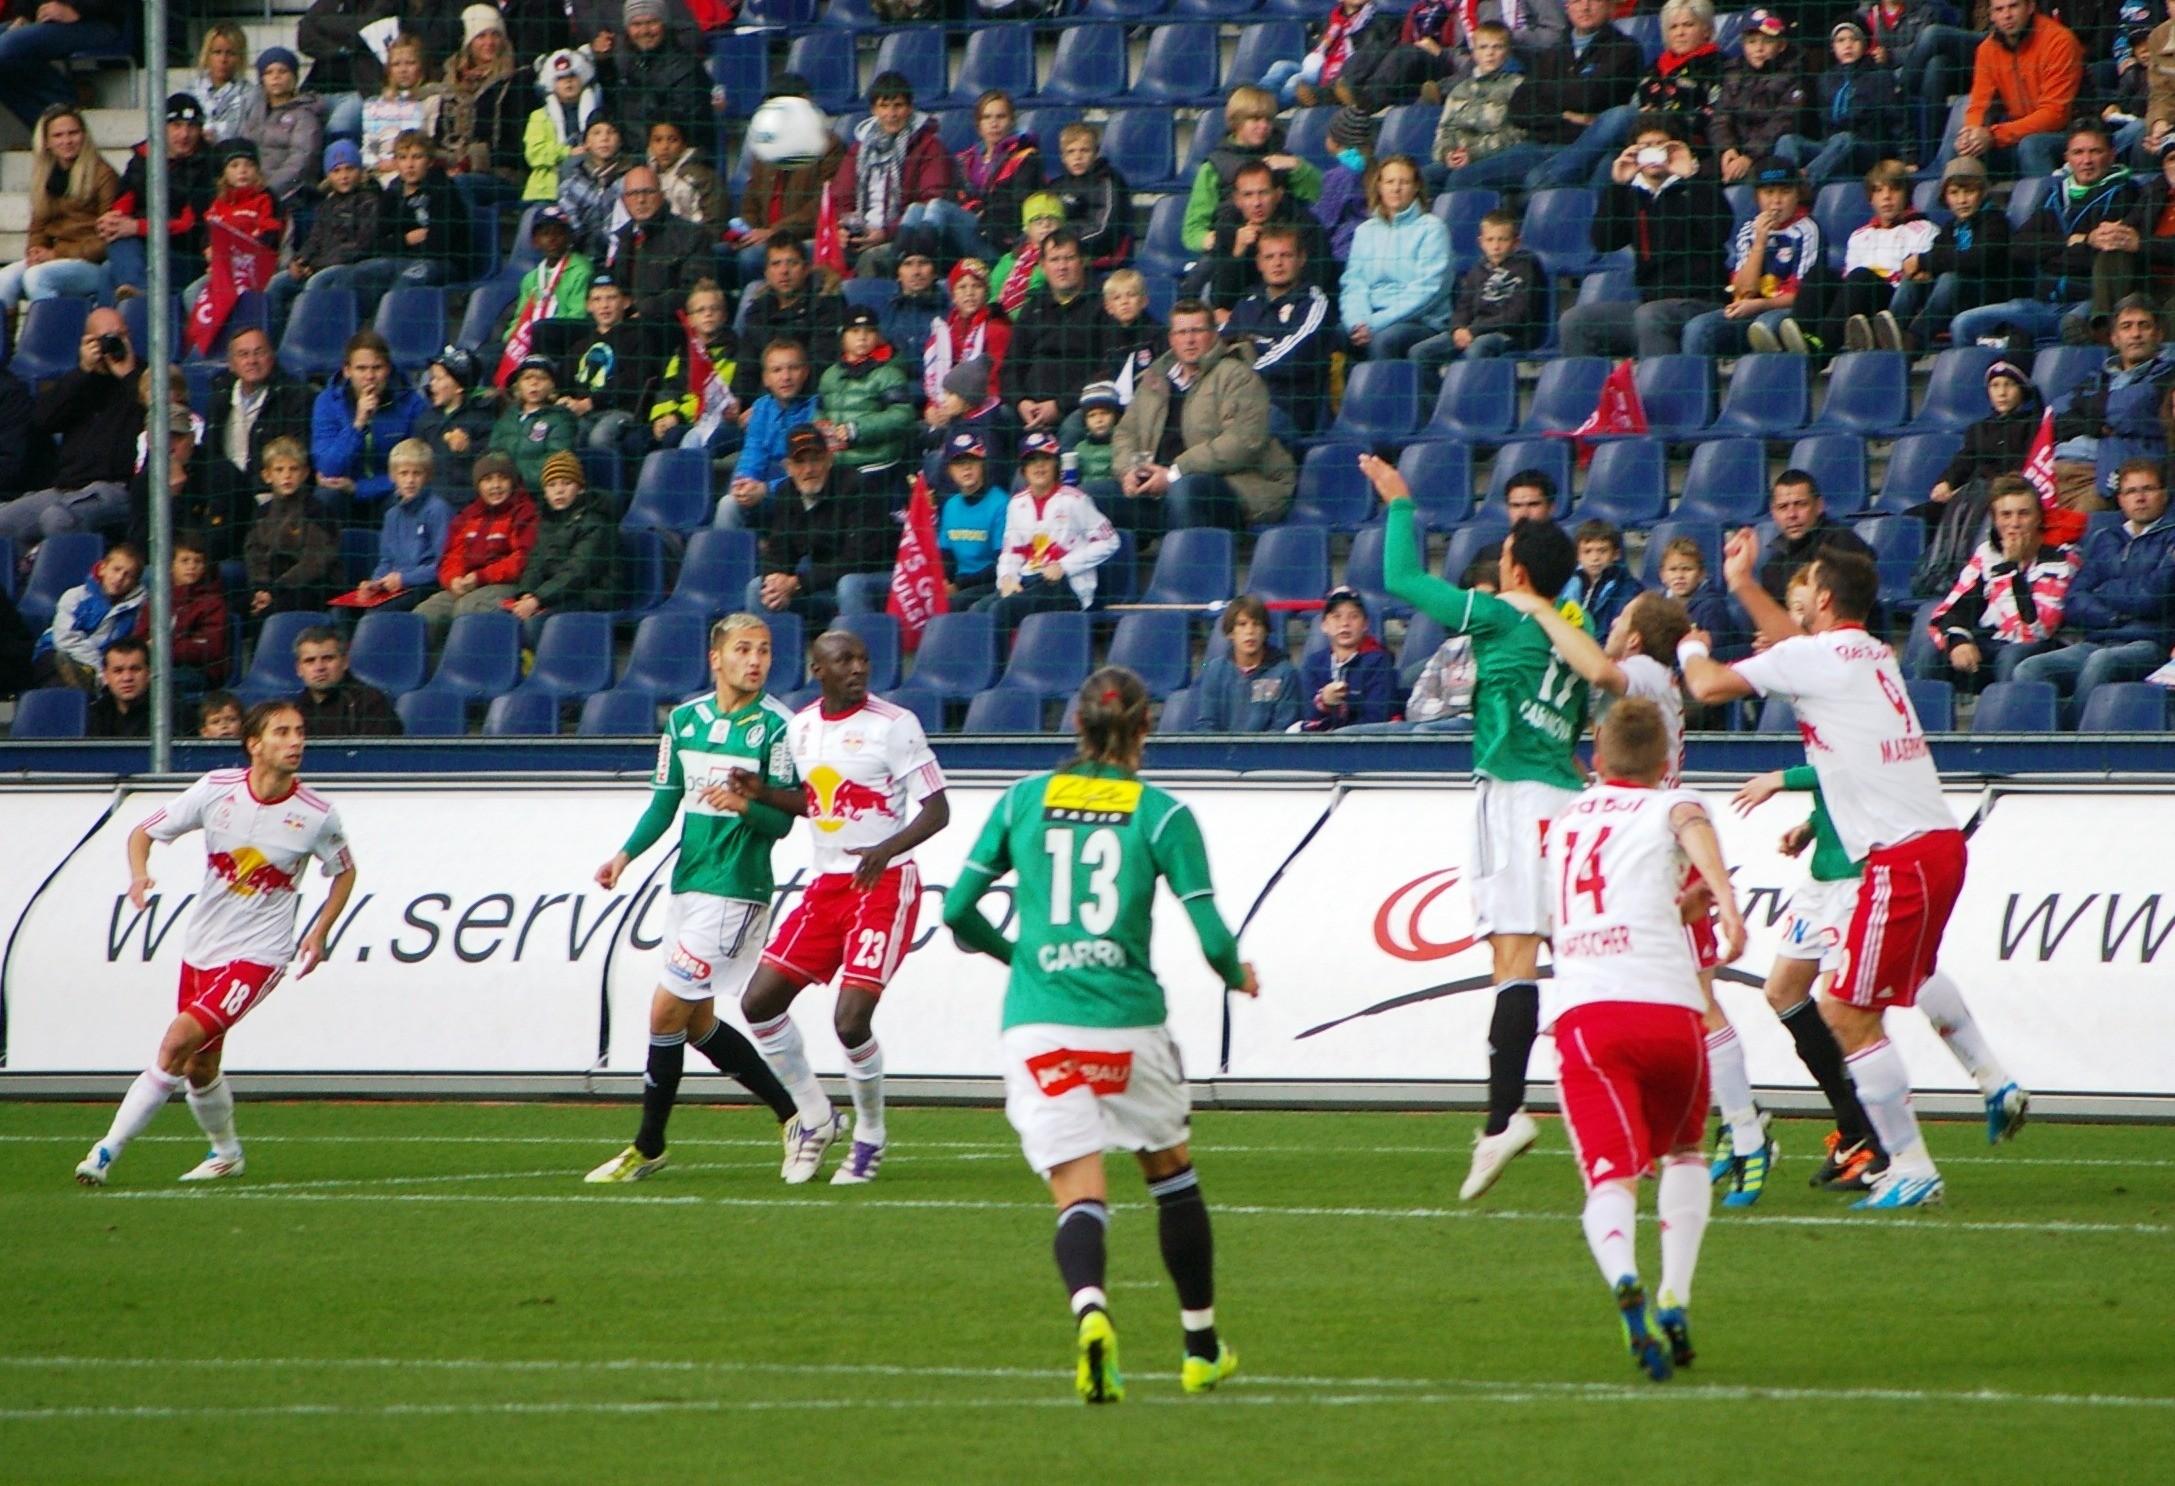 soccer_football_stadium